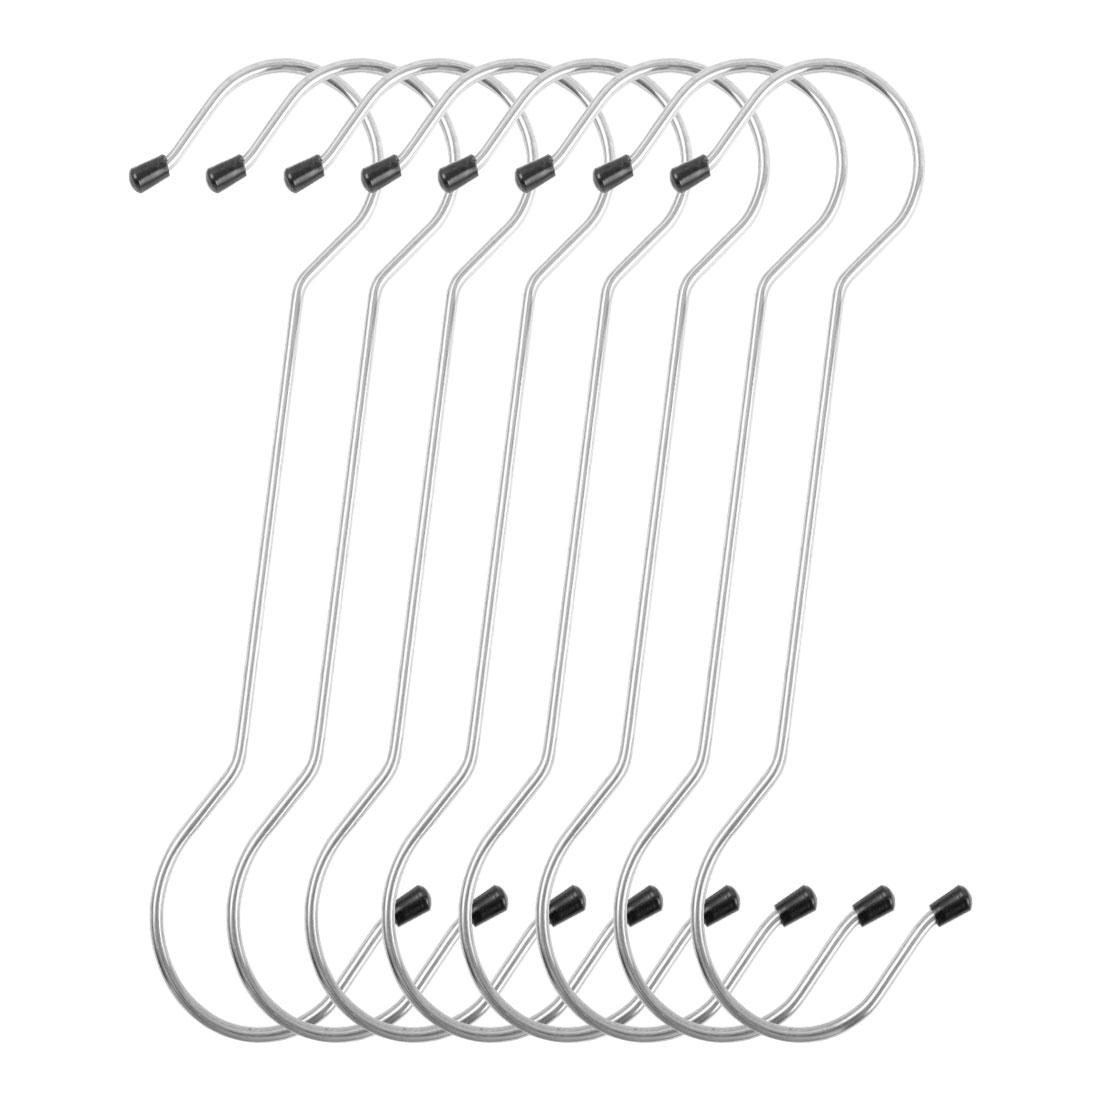 8 Pack S Shape Hooks Rack Stainless Steel for Coat Towel Holder Silver Tone